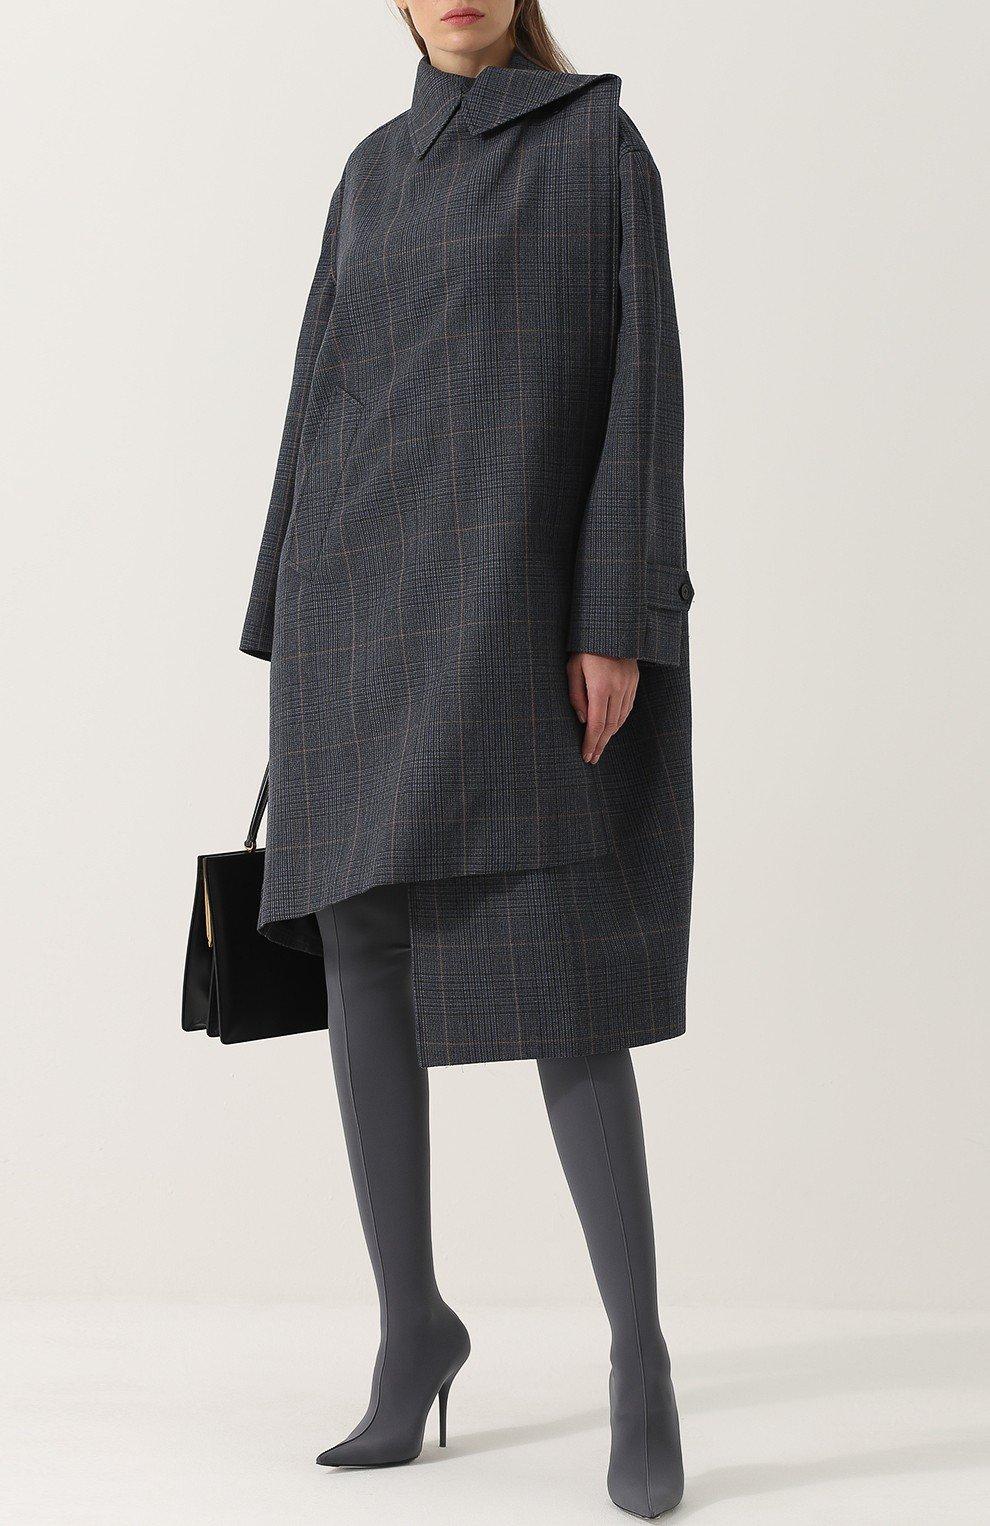 стильный образ весна 2019: серое асимметричное пальто и сапоги чулки в тон